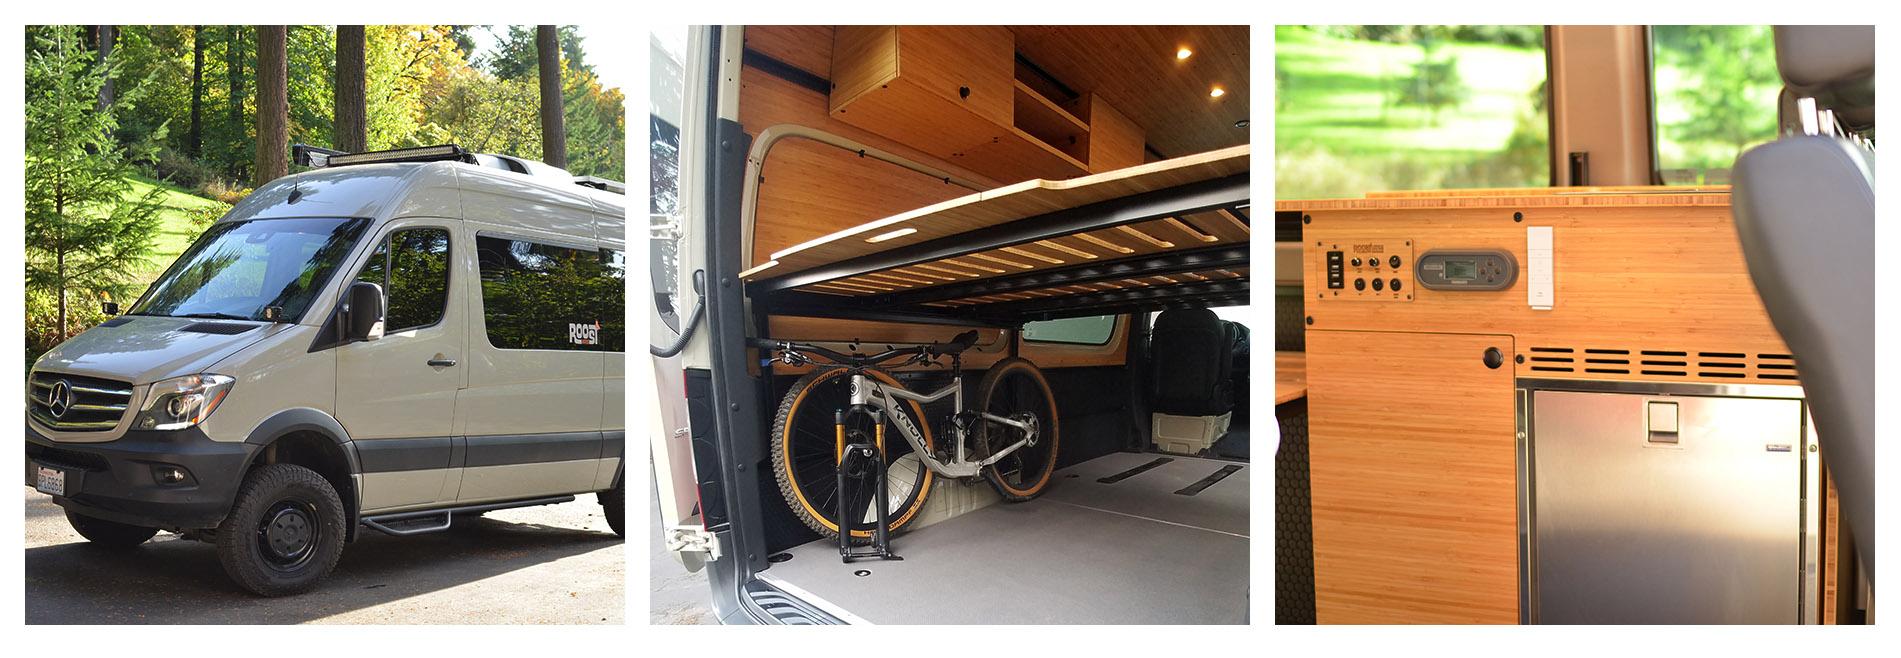 Roost Vans - rapid custom conversion